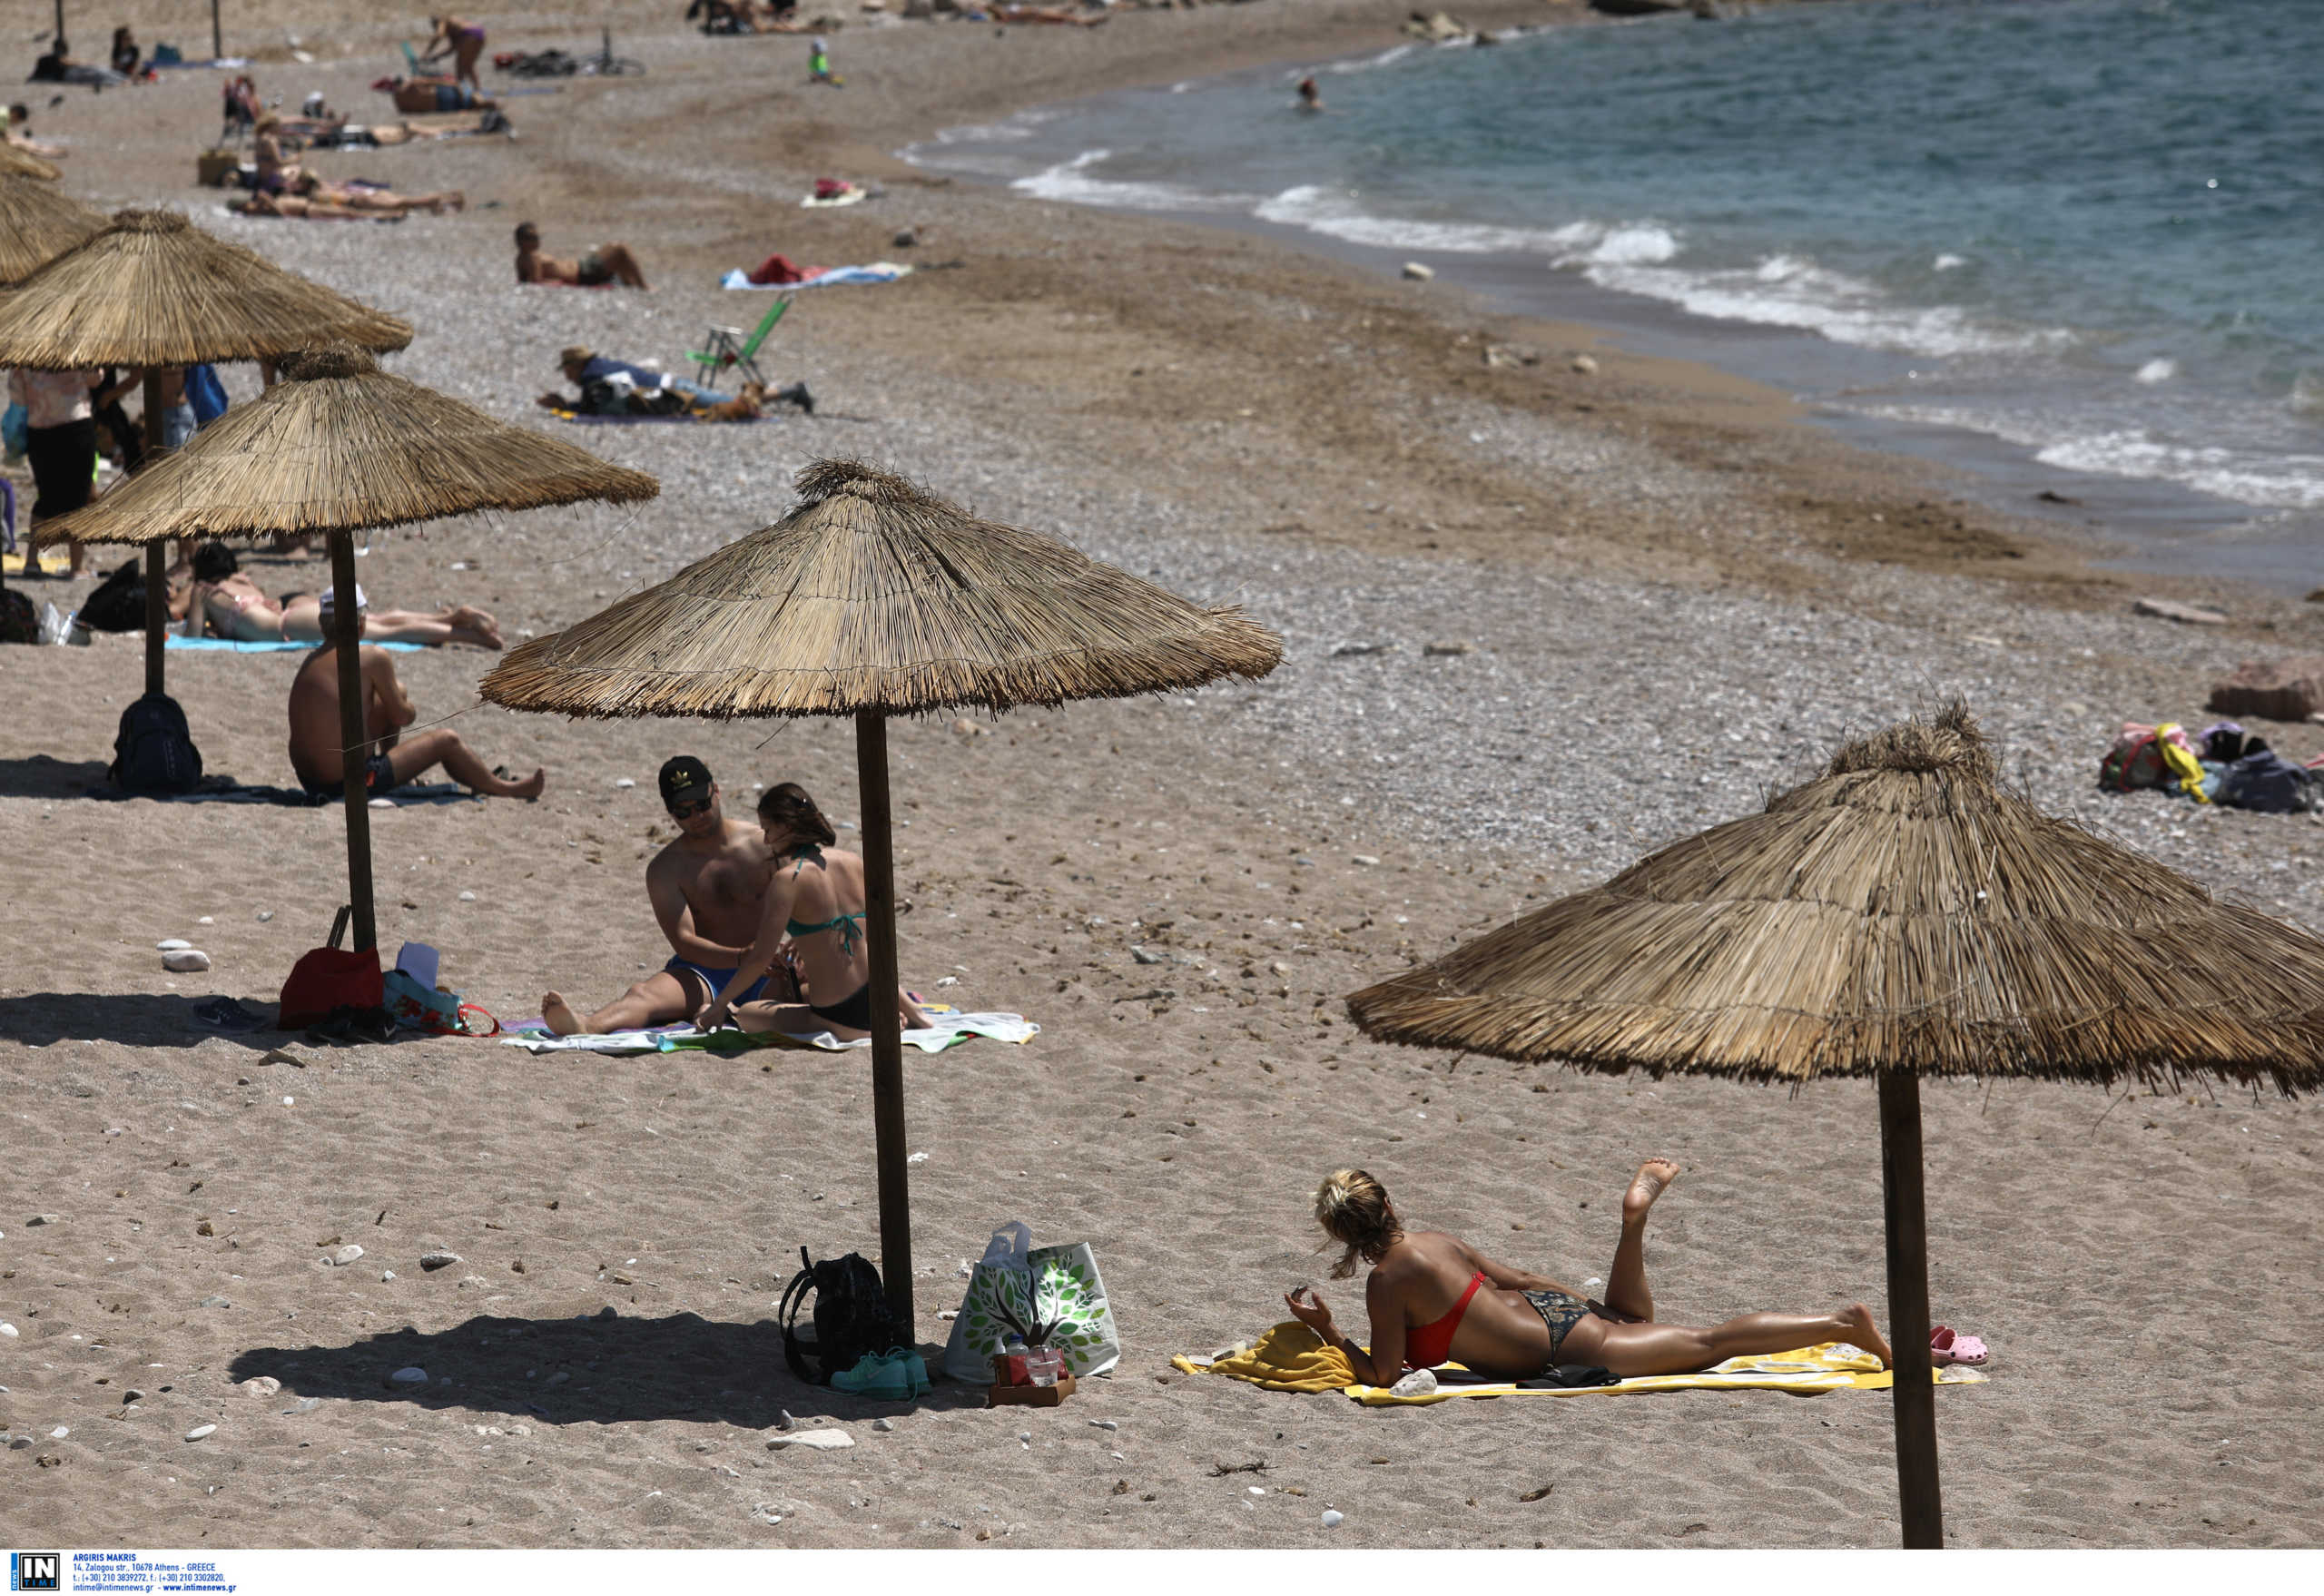 Καιρός: Παγκόσμιο ρεκόρ ζέστης θα κάνει τις επόμενες ημέρες η Ελλάδα